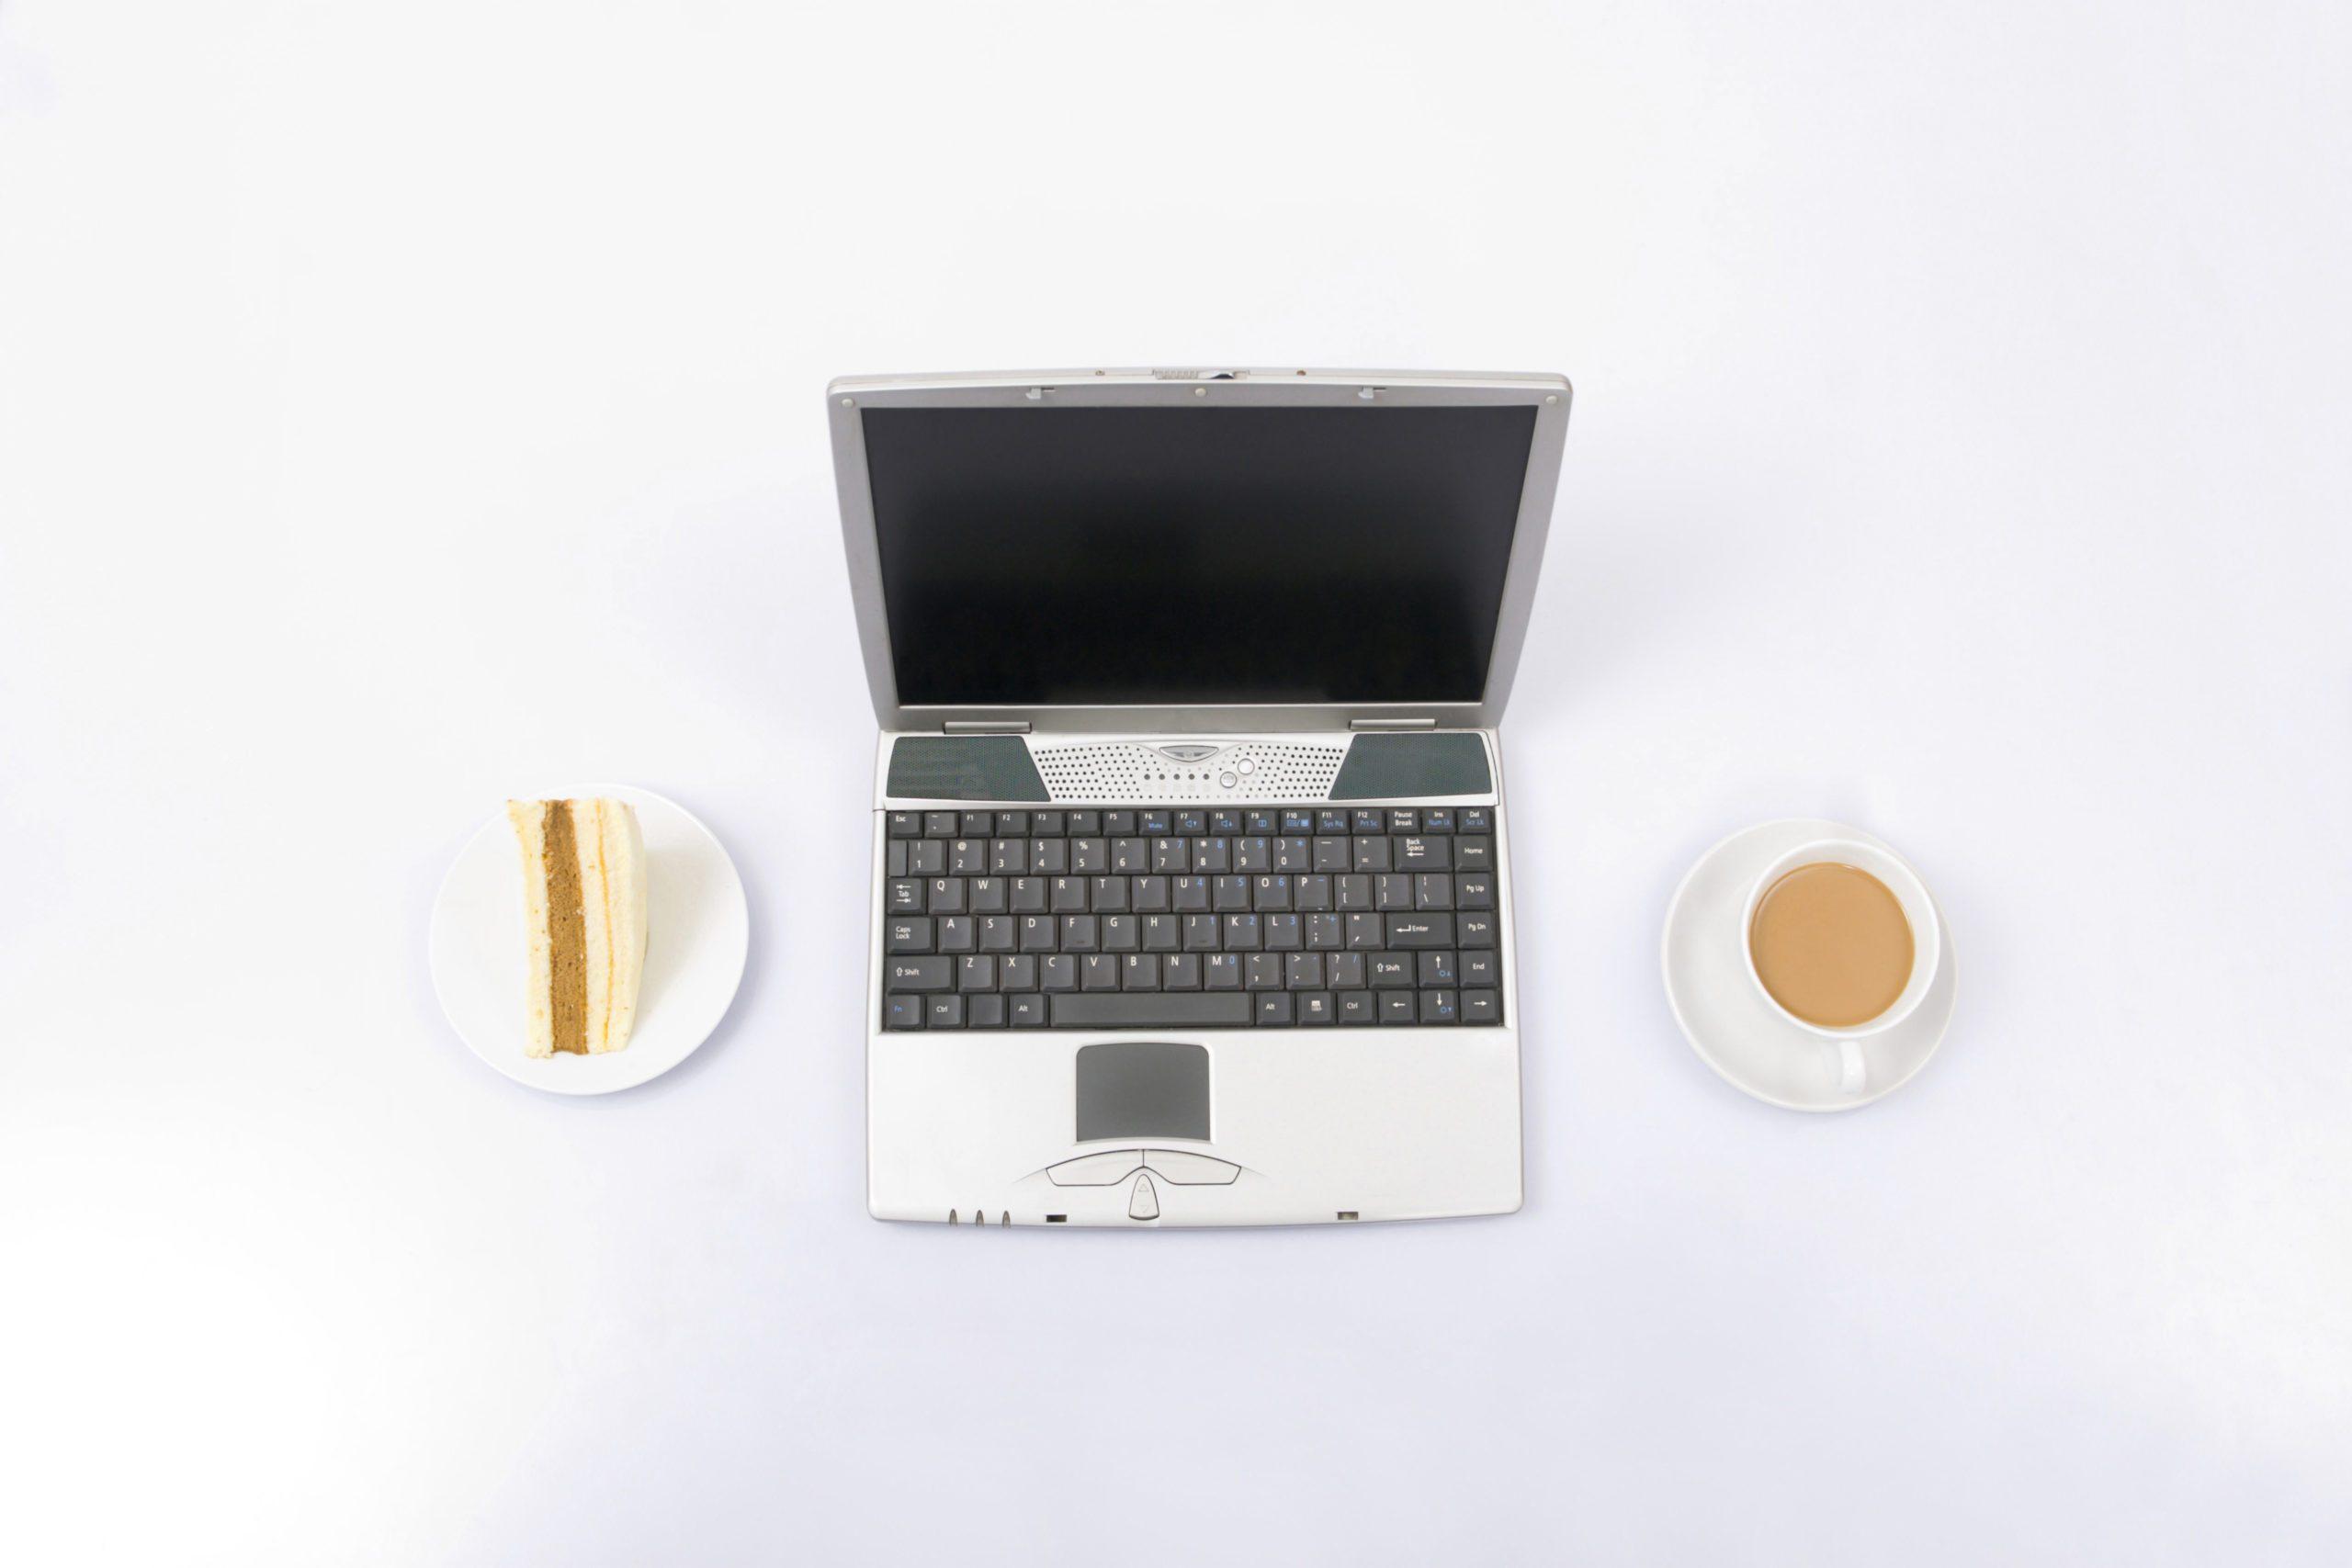 Devenez un spécialiste informatique pour de beaux débouchés professionnels